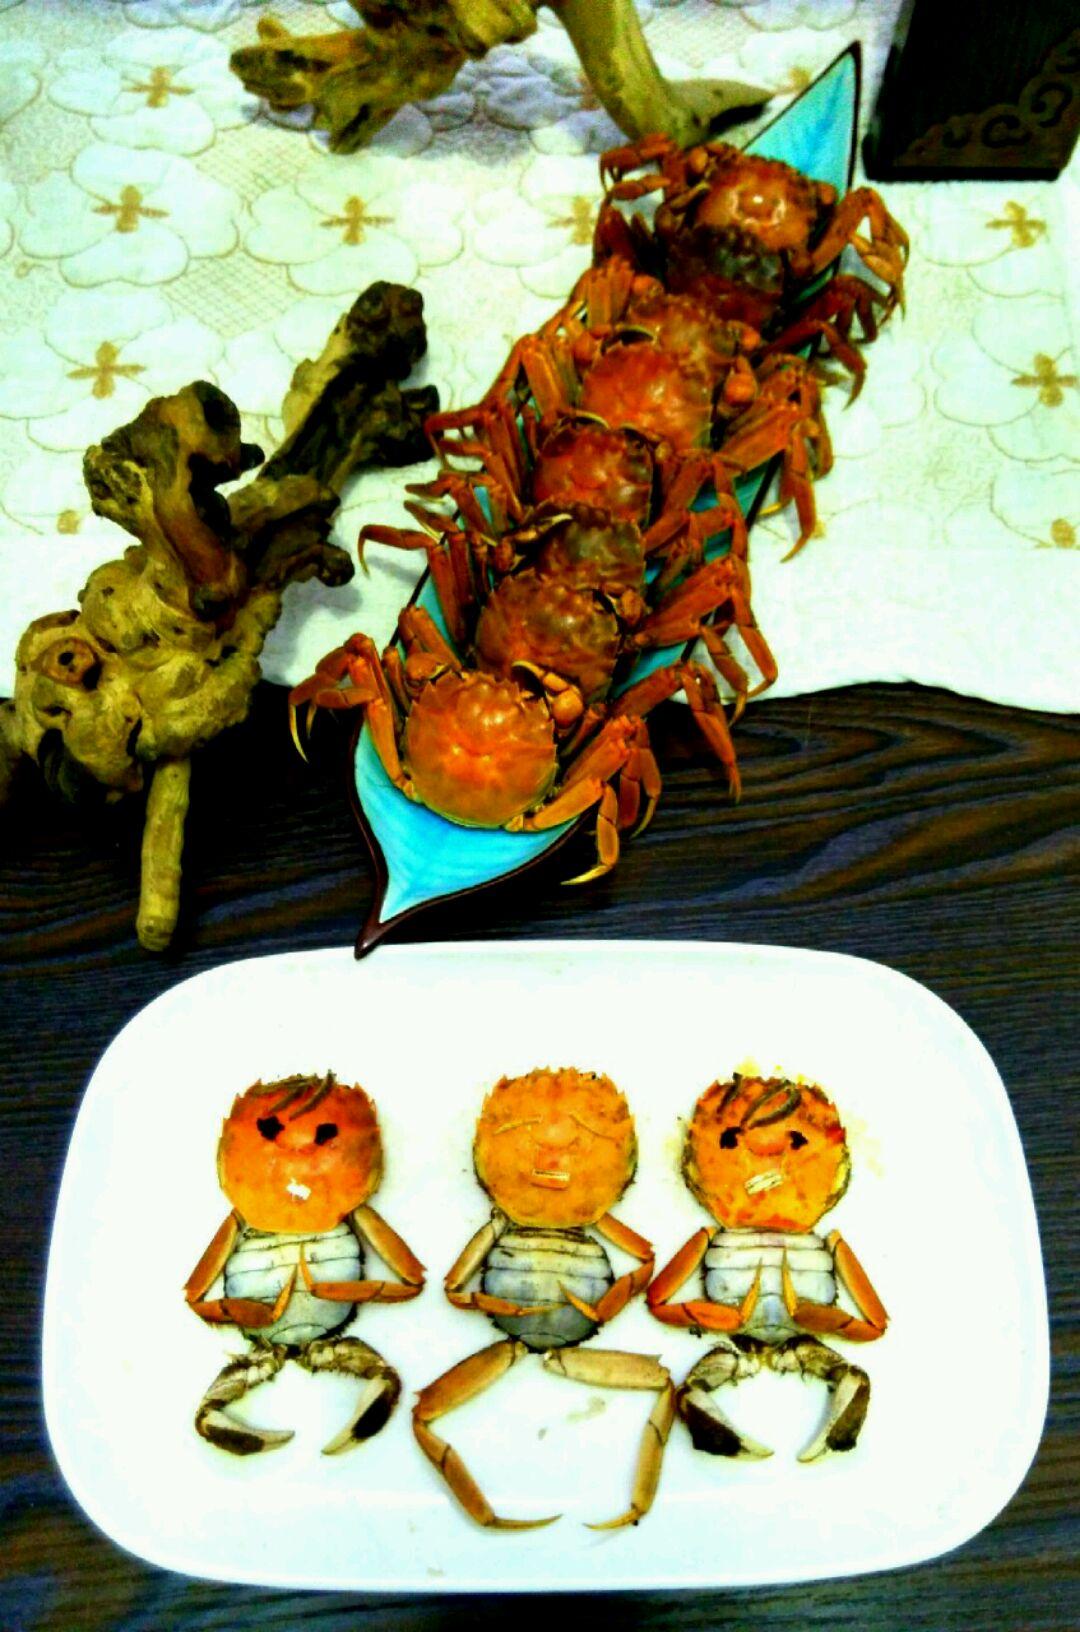 美食的做法_宝宝_豆果菜谱生姜能喝河蟹排骨汤吗图片